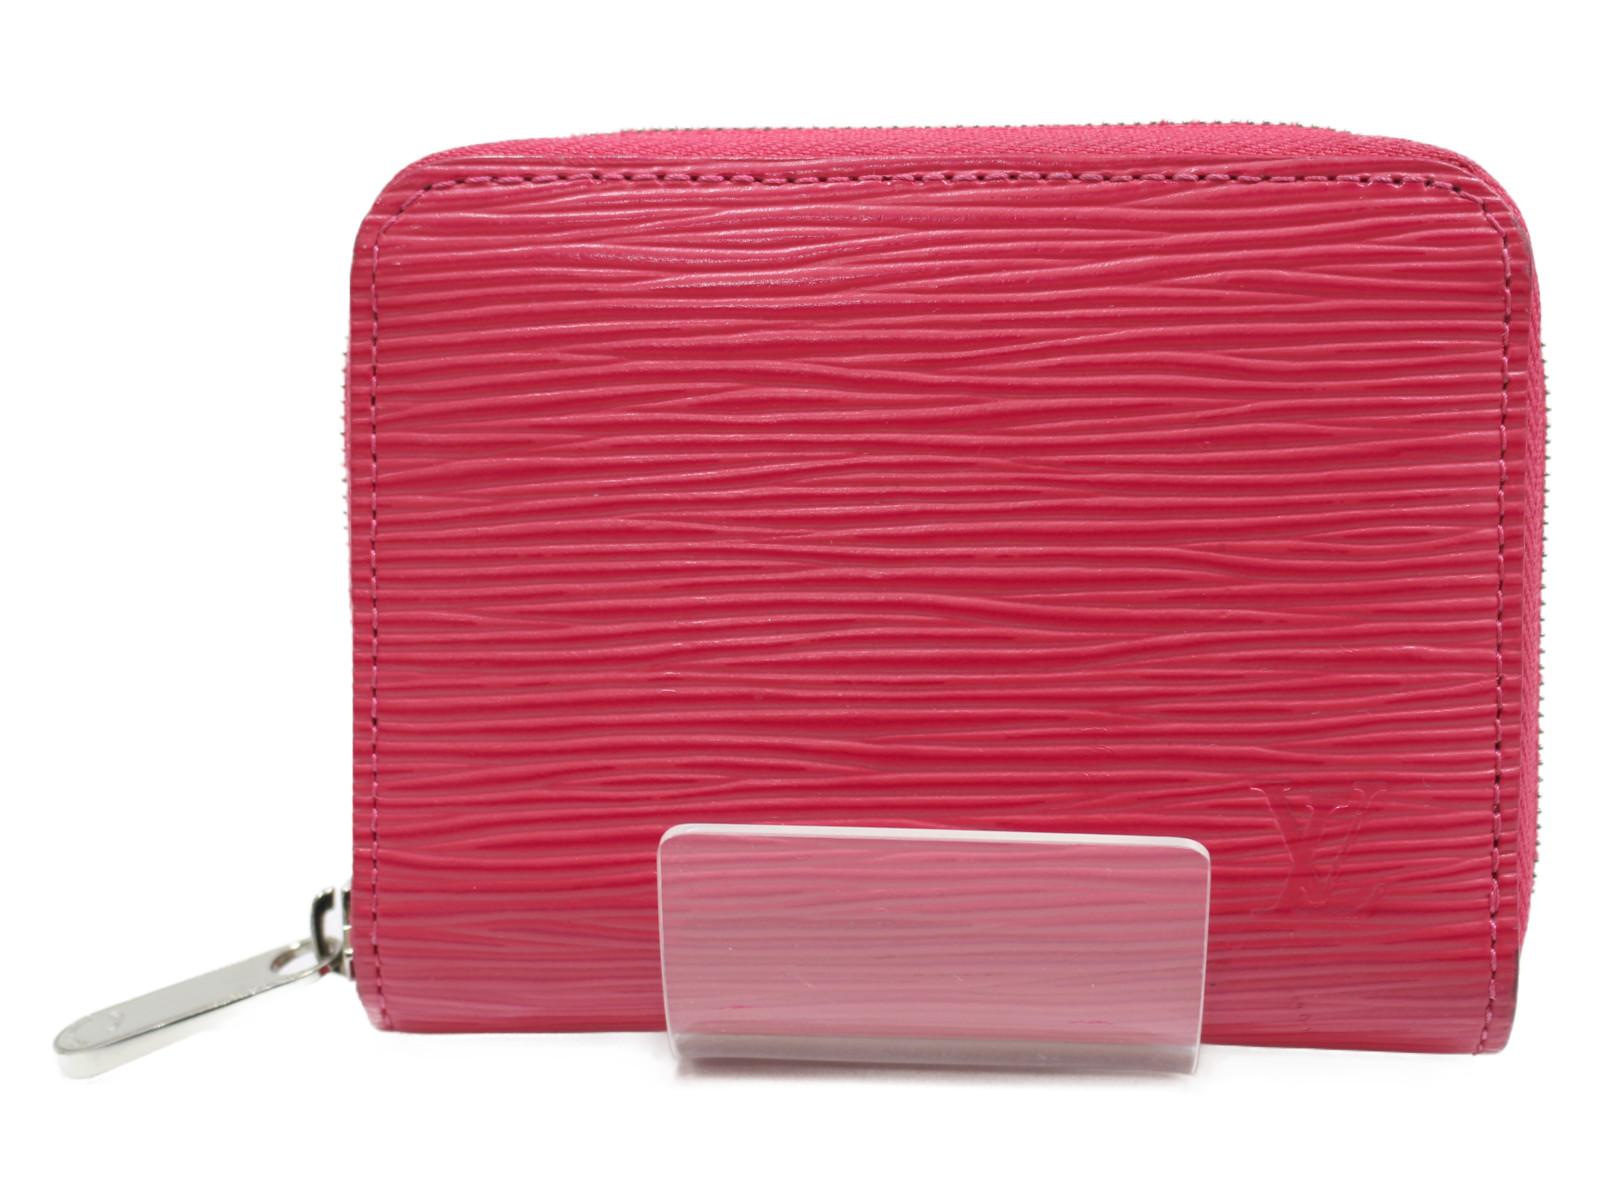 LOUIS VUITTON ジッピーコインパース M60383 エピ ピンク系 レディース カードケース シンプル プレゼント包装可 財布 【中古】